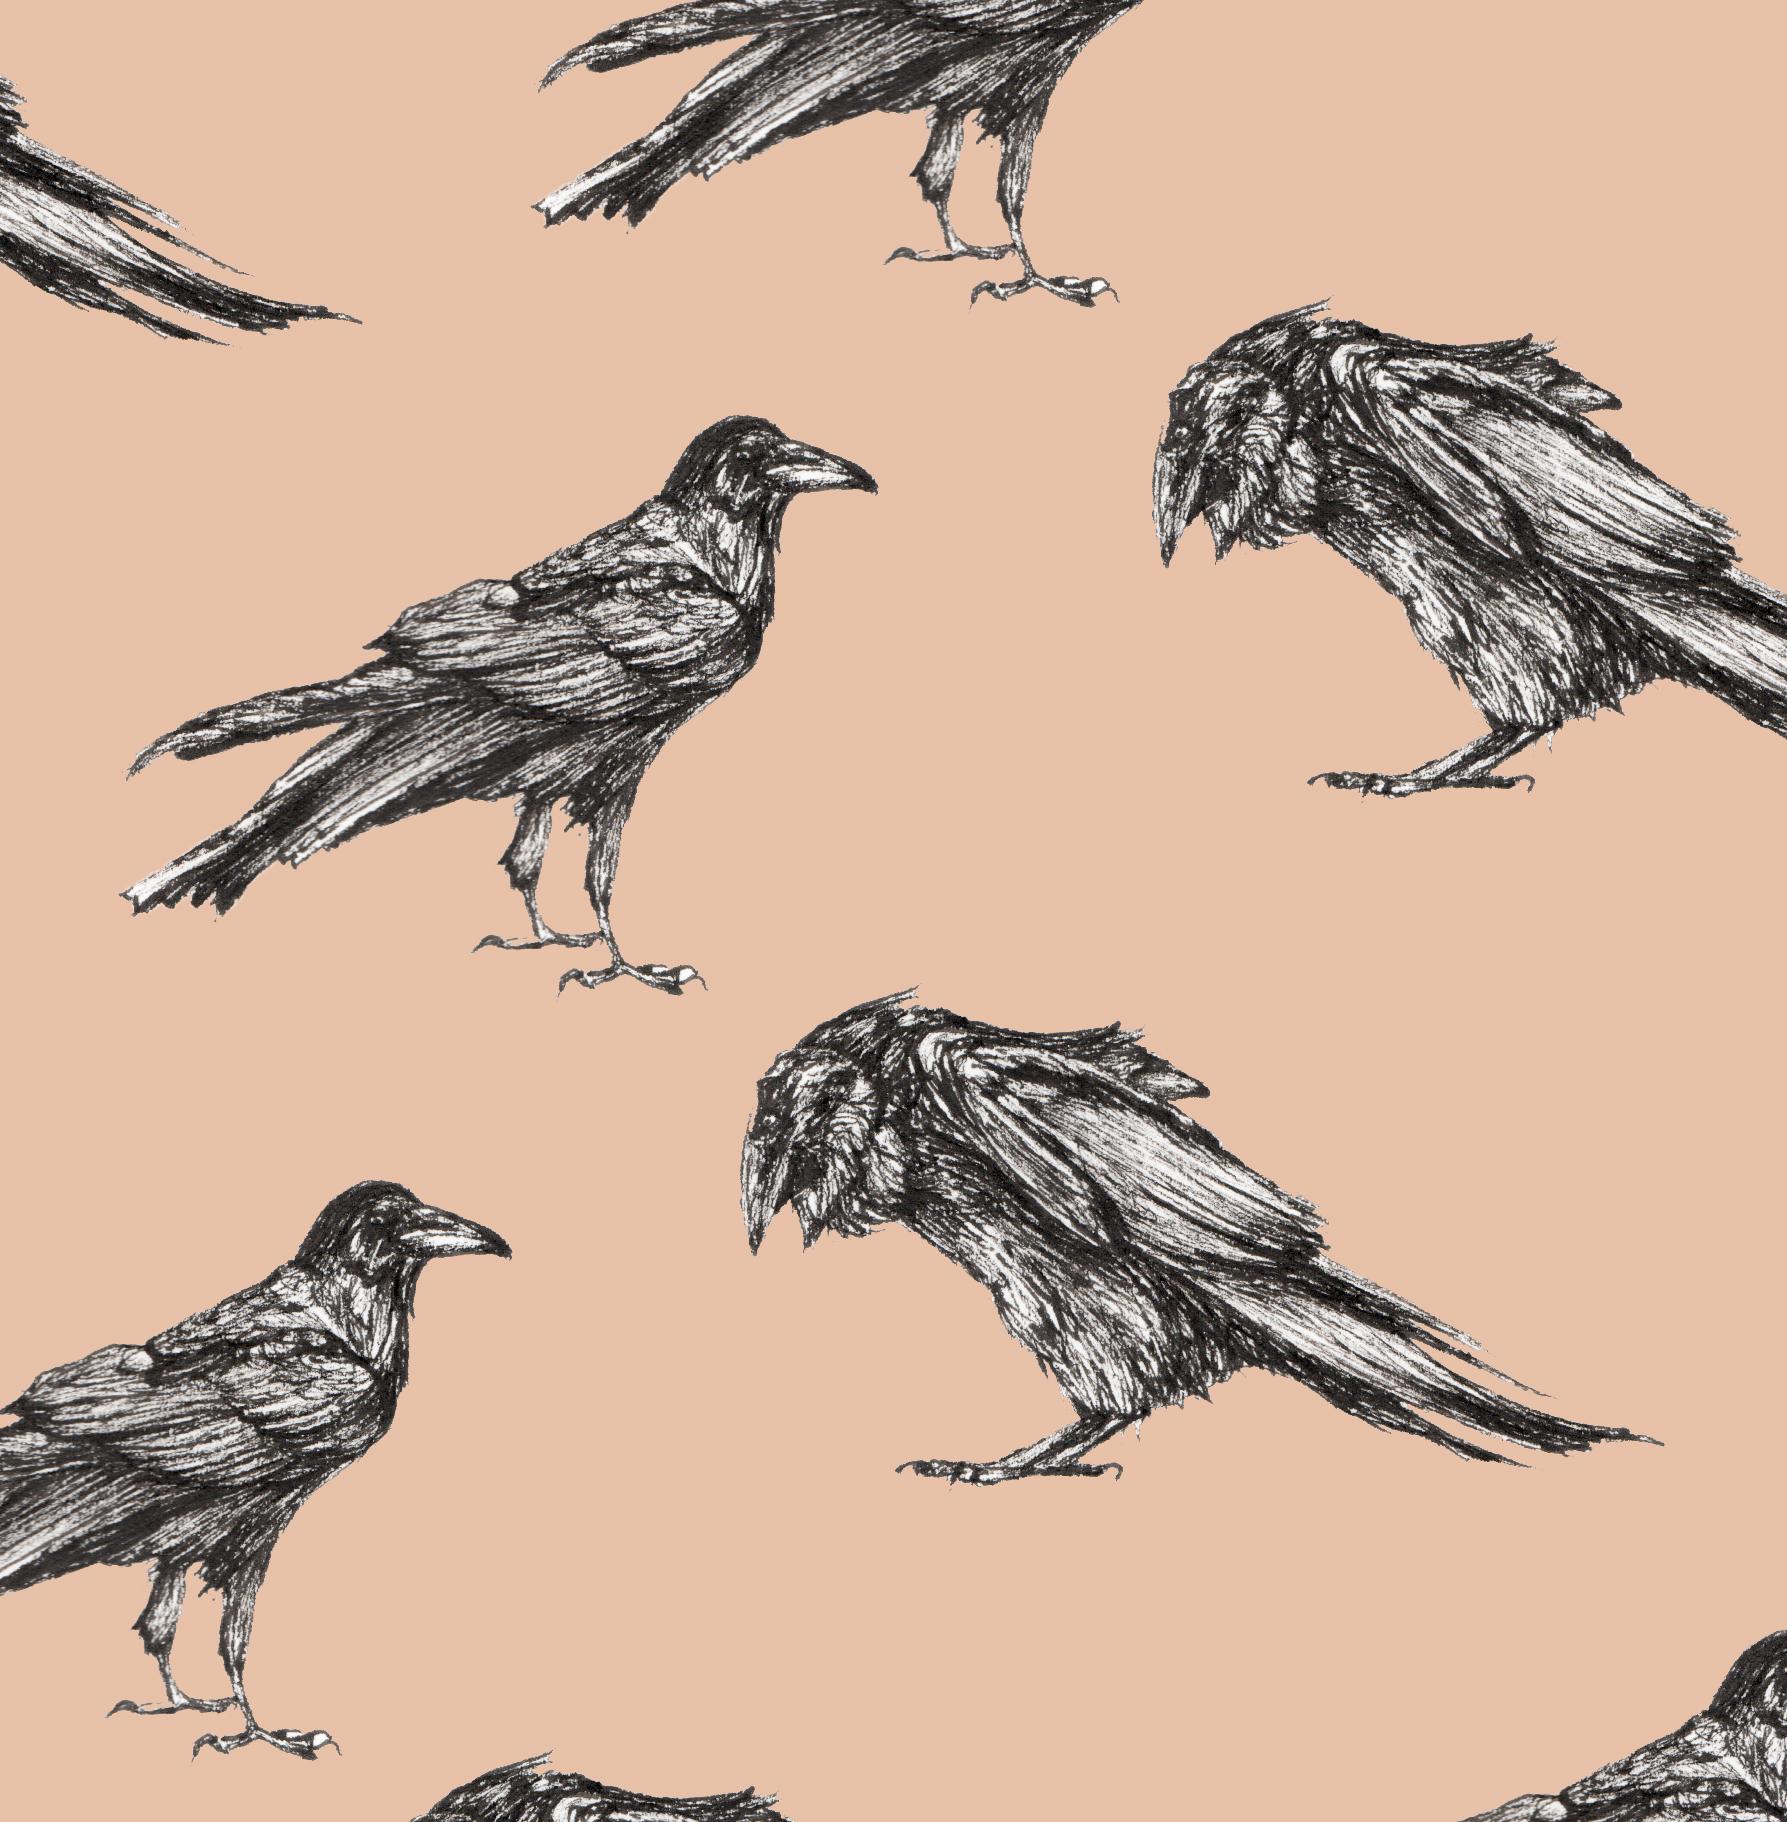 Ravens on Coral